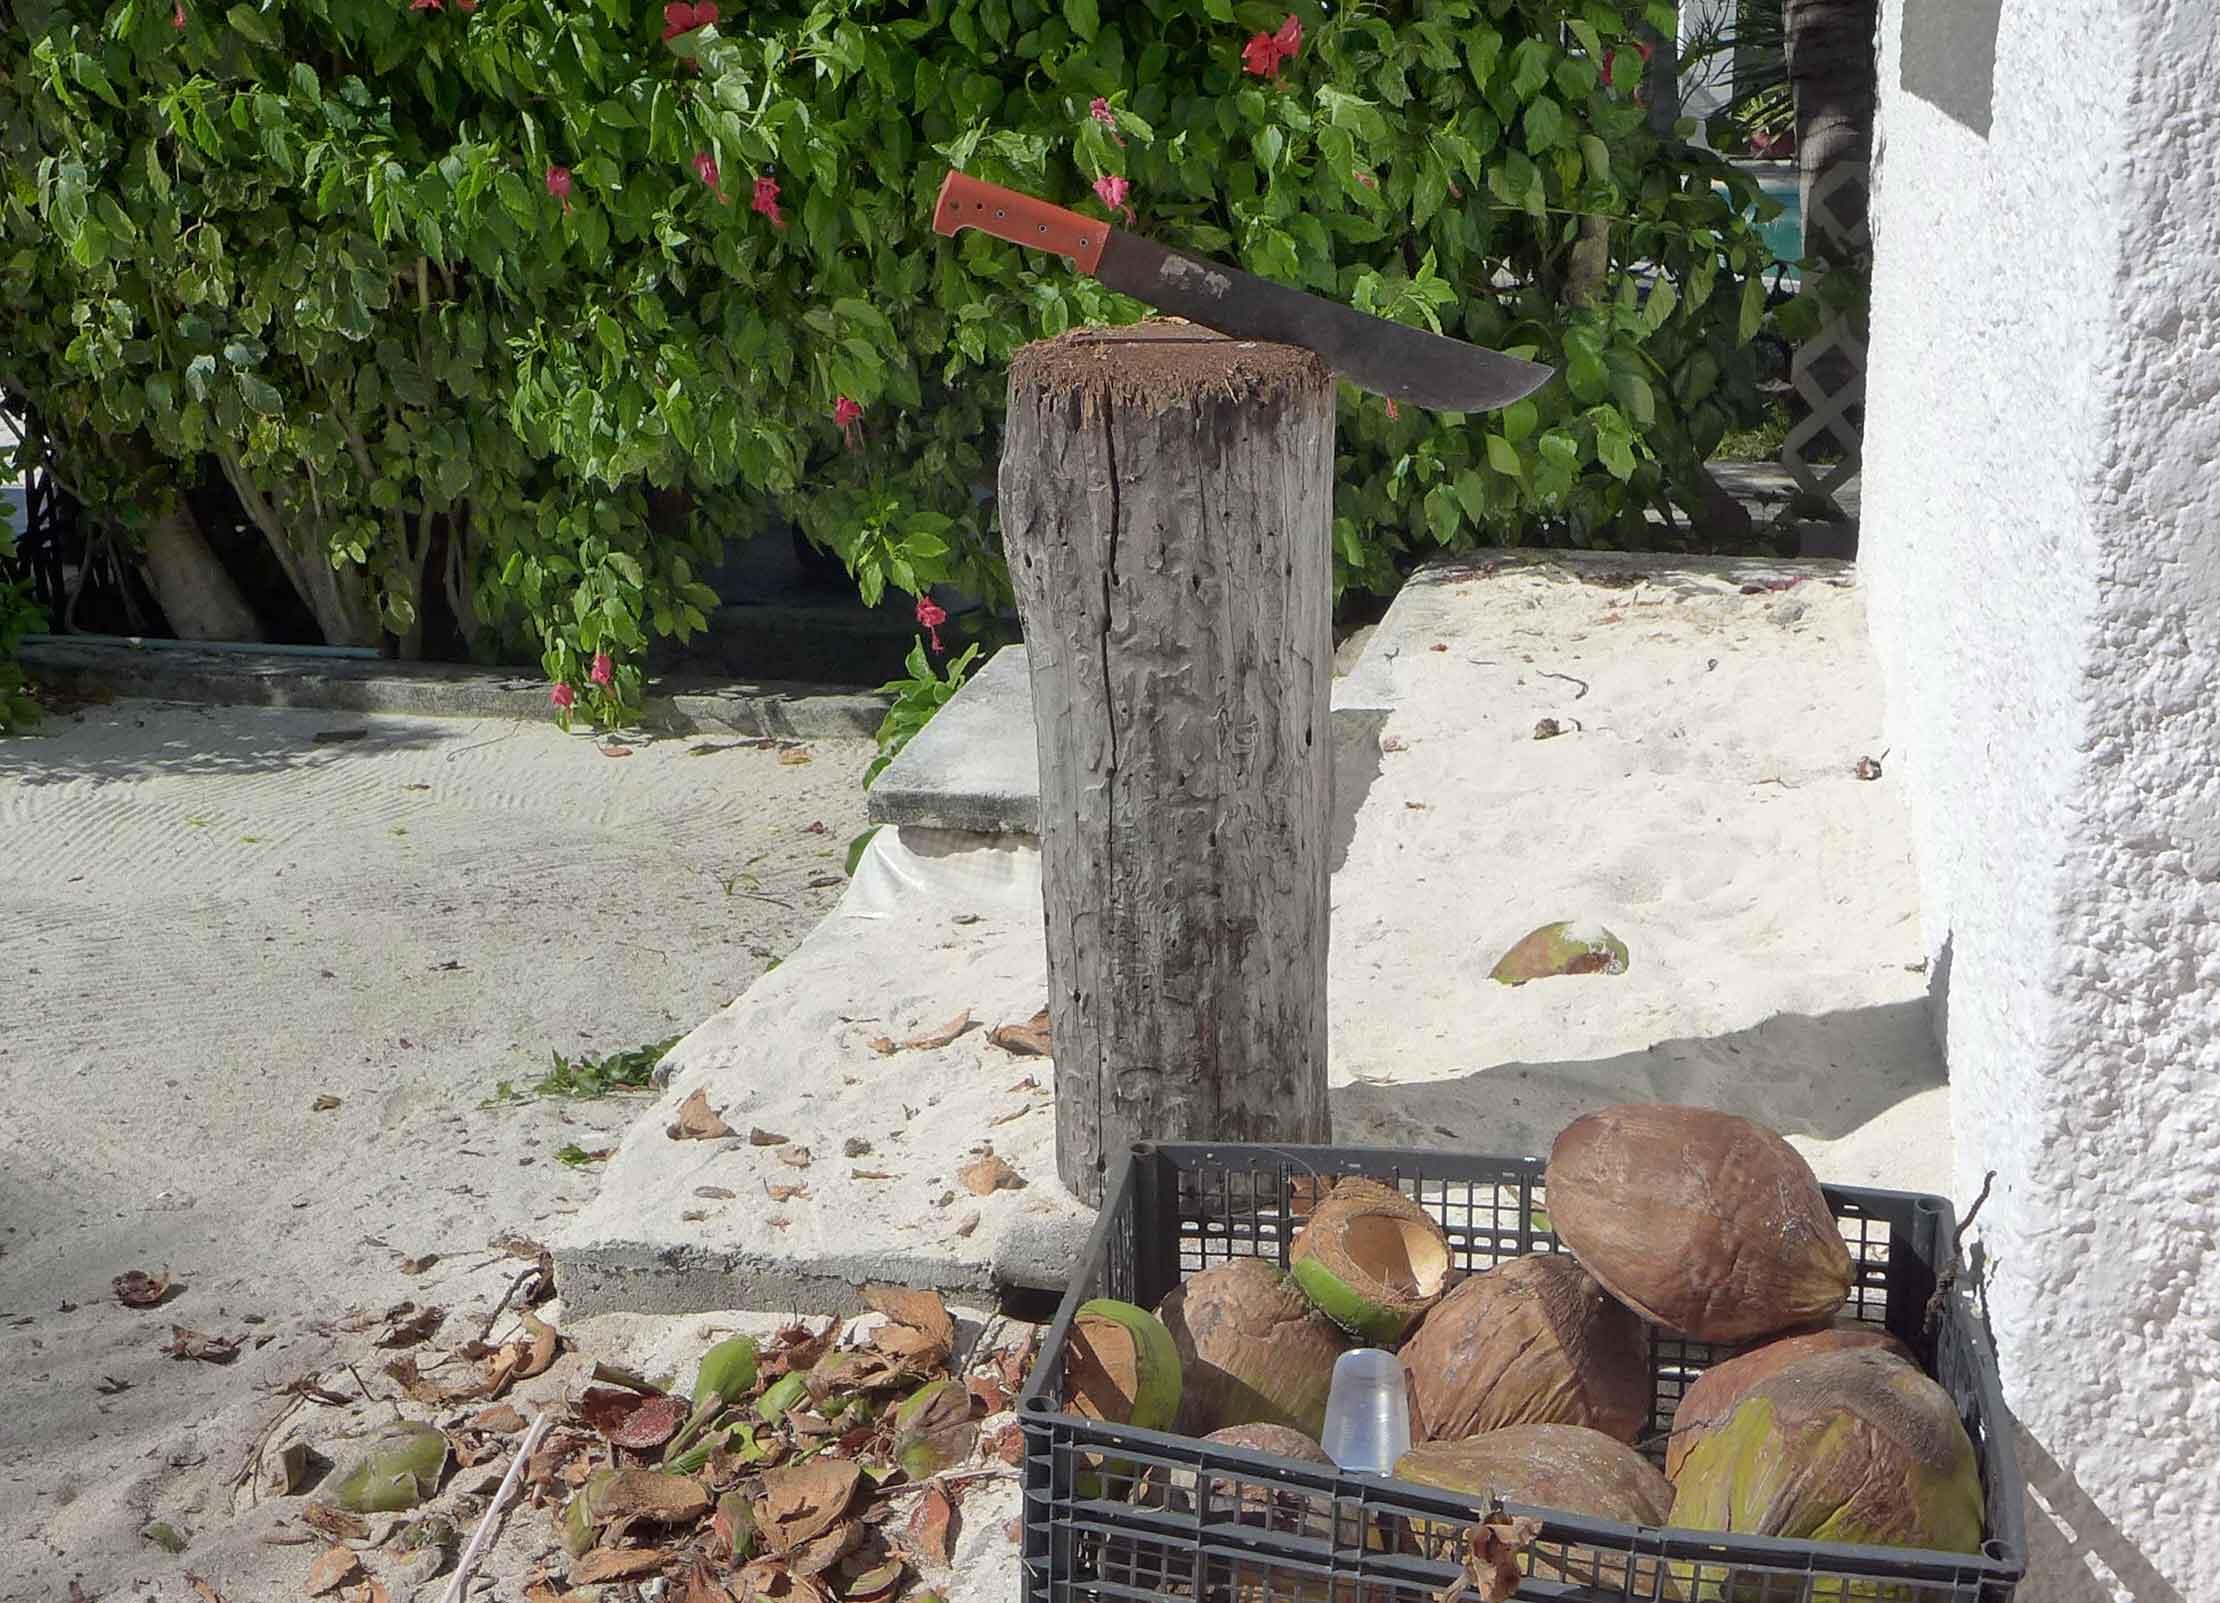 Machete auf einem Hackklotz und Kokosnüsse davor.